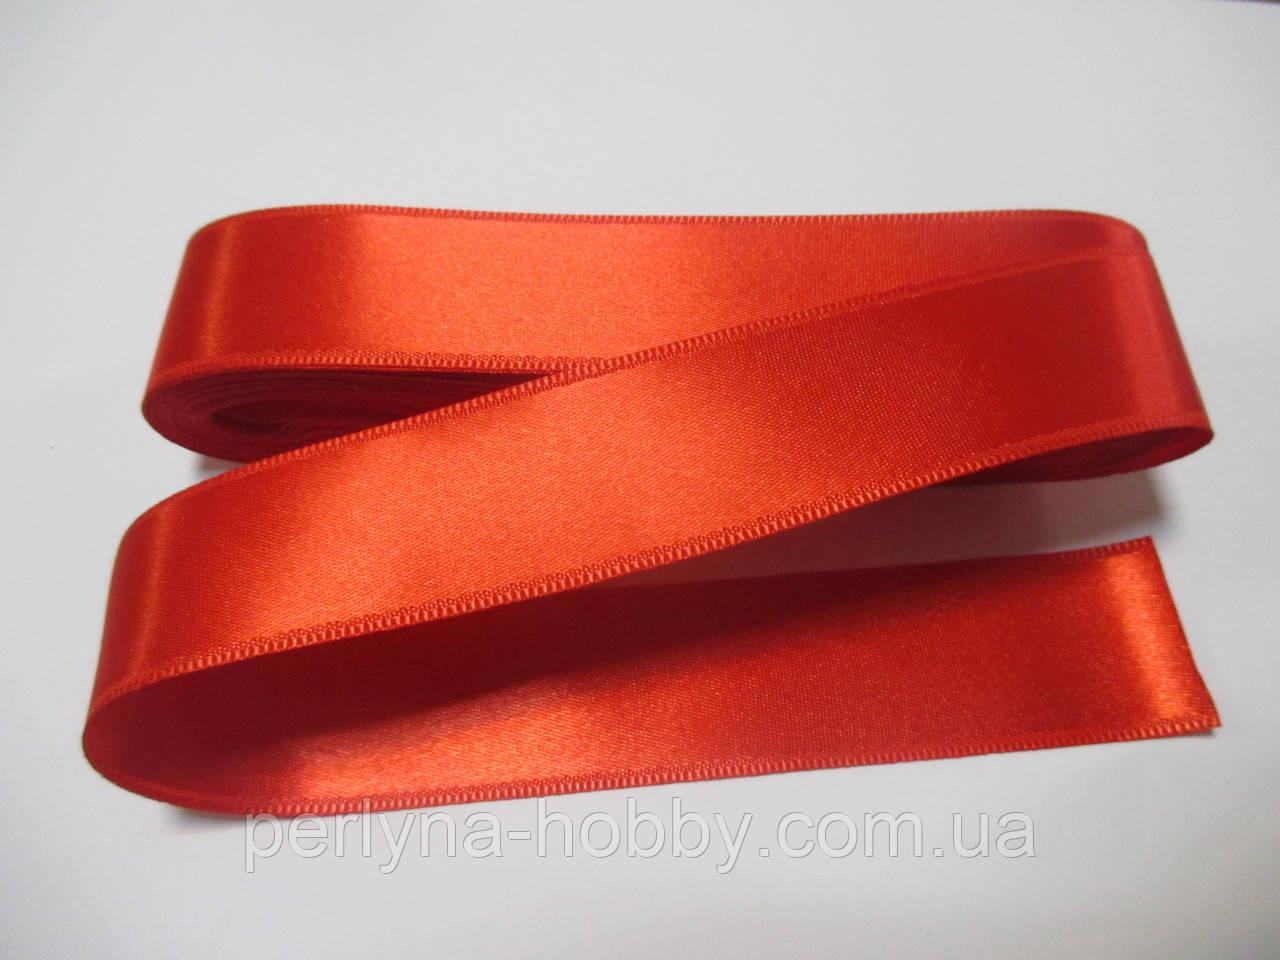 Стрічка атласна  двостороння 3 см Лента атласная двухсторонняя. ( 10 метрів) червона яскрава